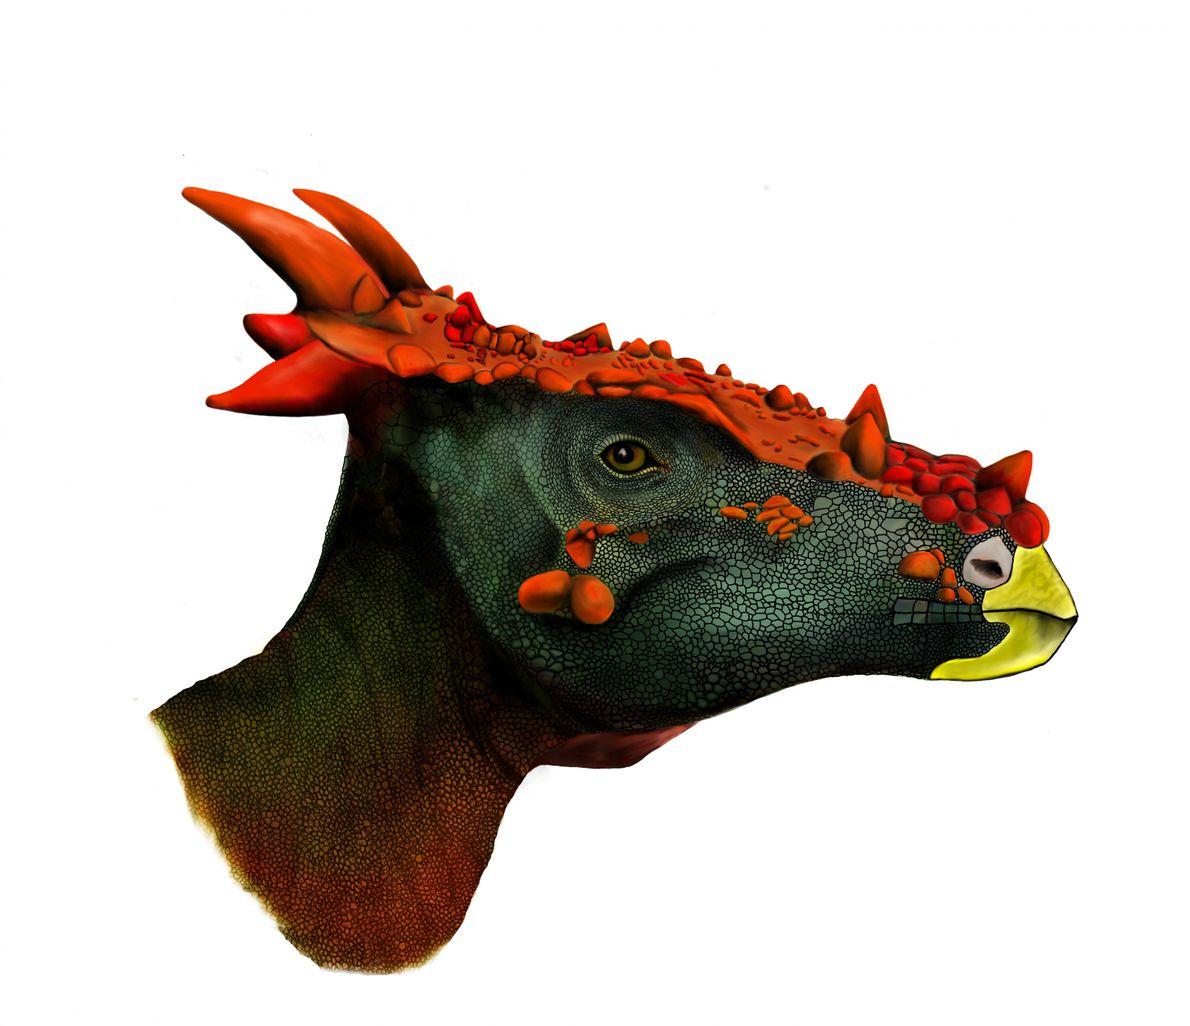 Eine Illustration zeigt, wie der junge Pachycephalosaurus zu Lebzeiten ausgesehen haben könnte. Auffällig sind der Kopfschmuck …